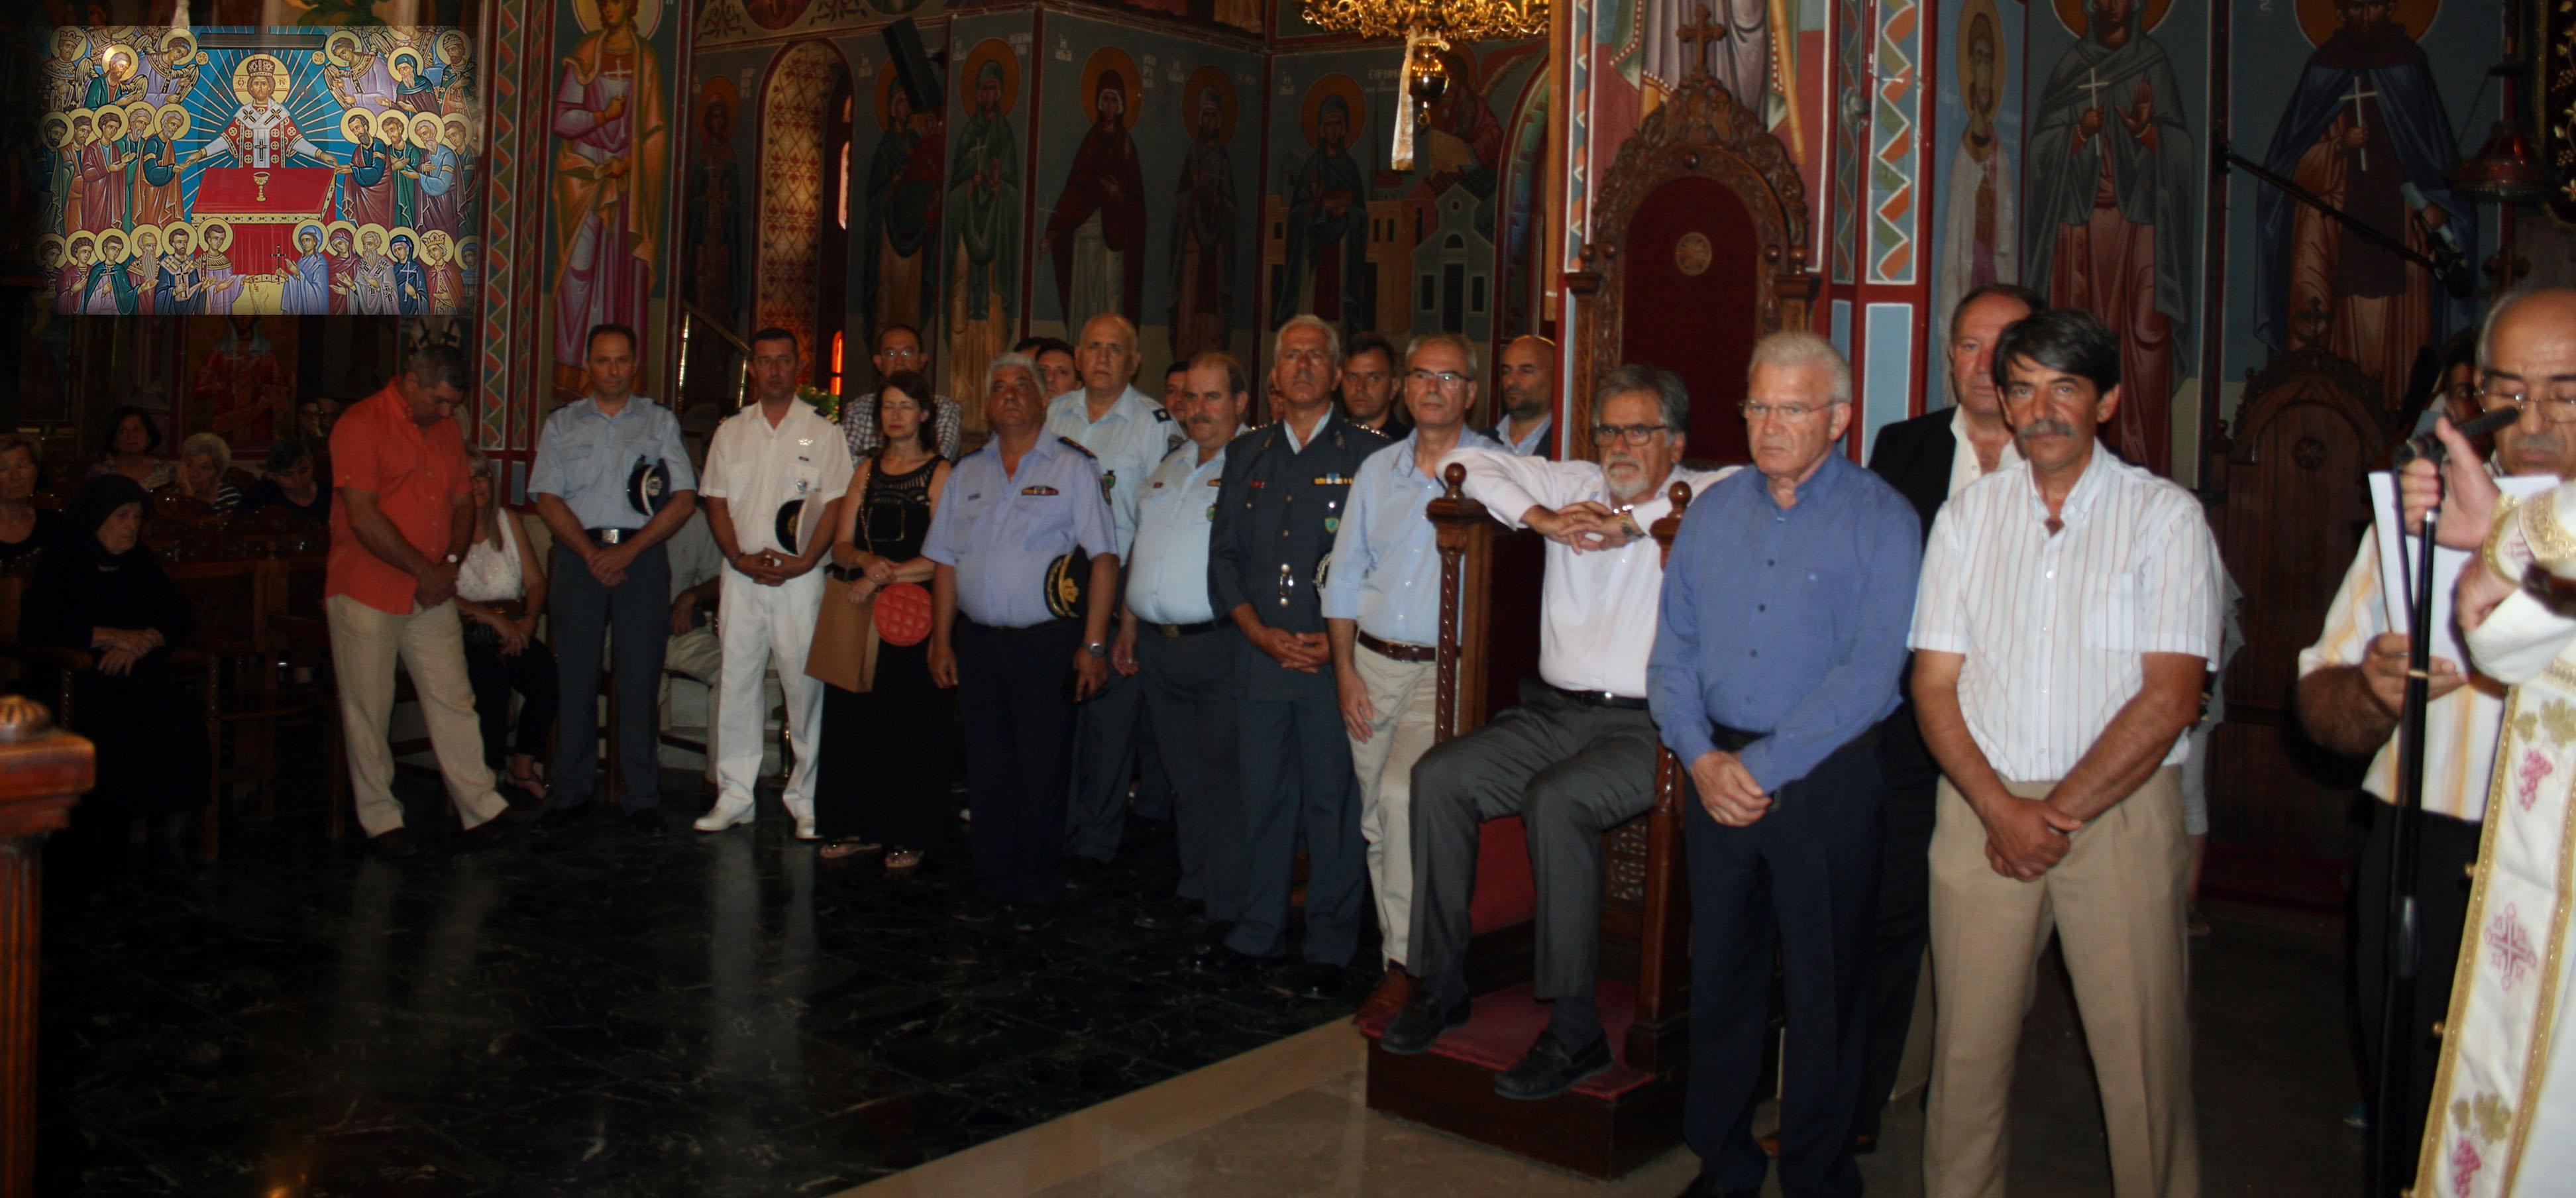 Συμμετοχή στην εορτασμό της ημέρας προς τιμή των Αποστράτων της Ελληνικής Αστυνομίας